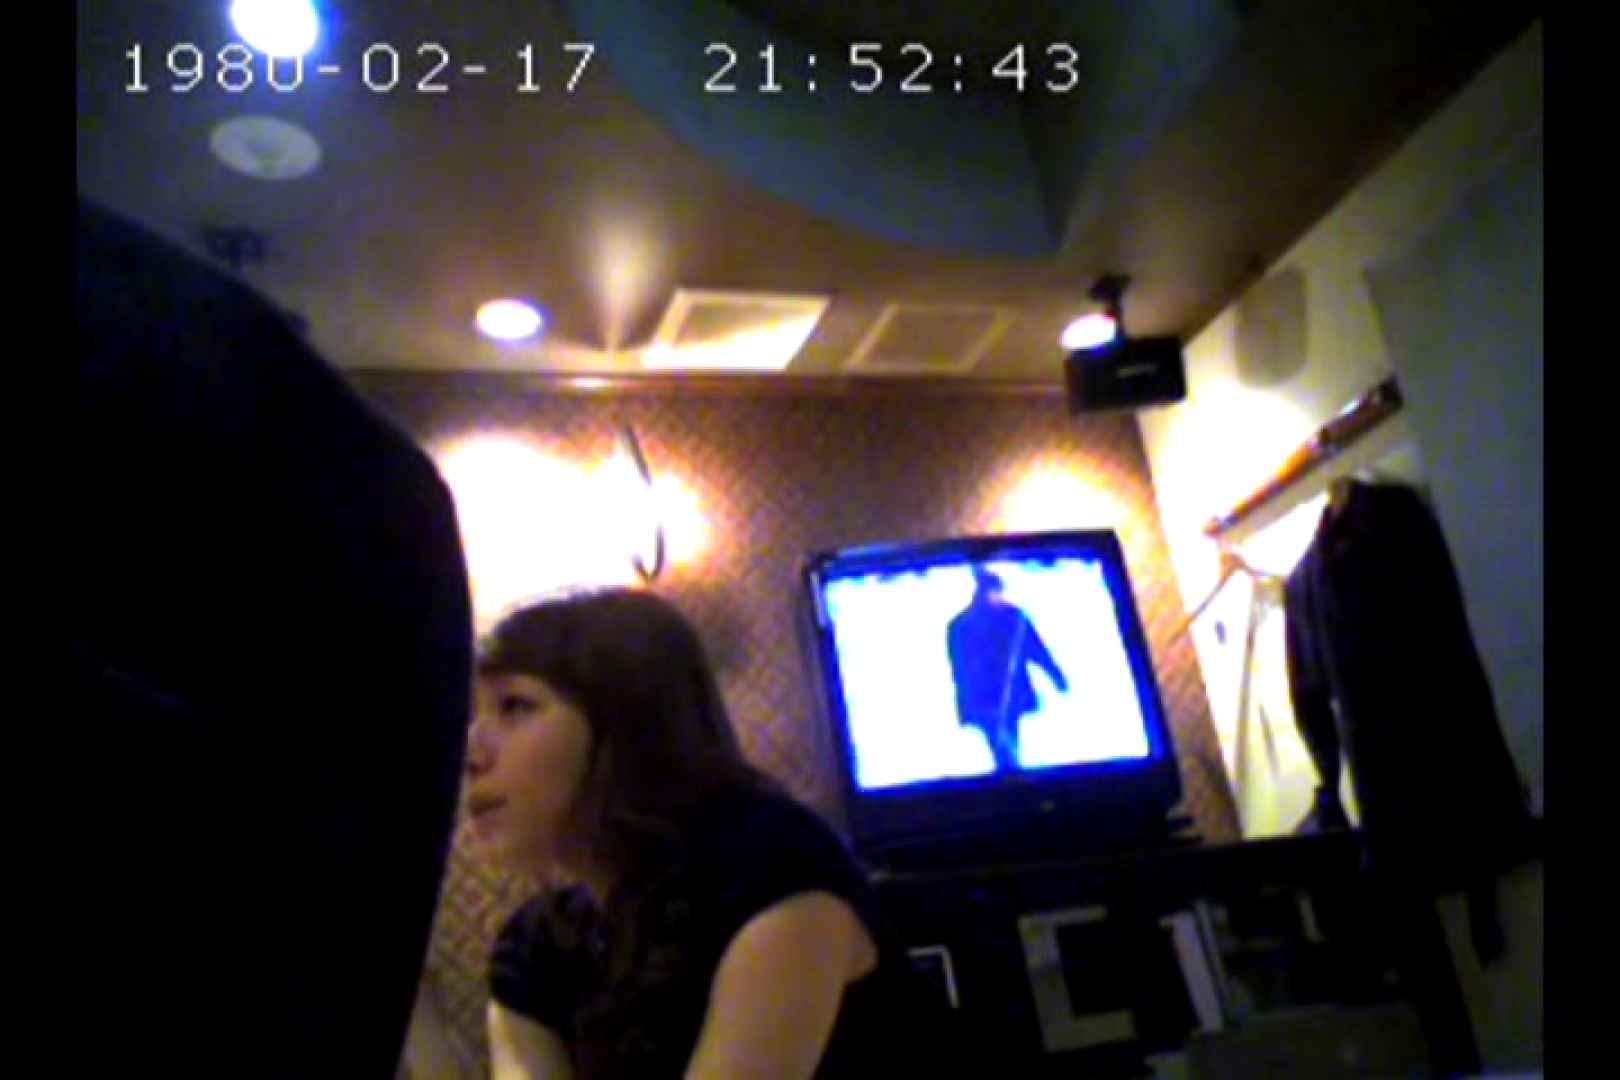 ハメられた女達 vol.04 ラブホテル 盗撮アダルト動画キャプチャ 110画像 6